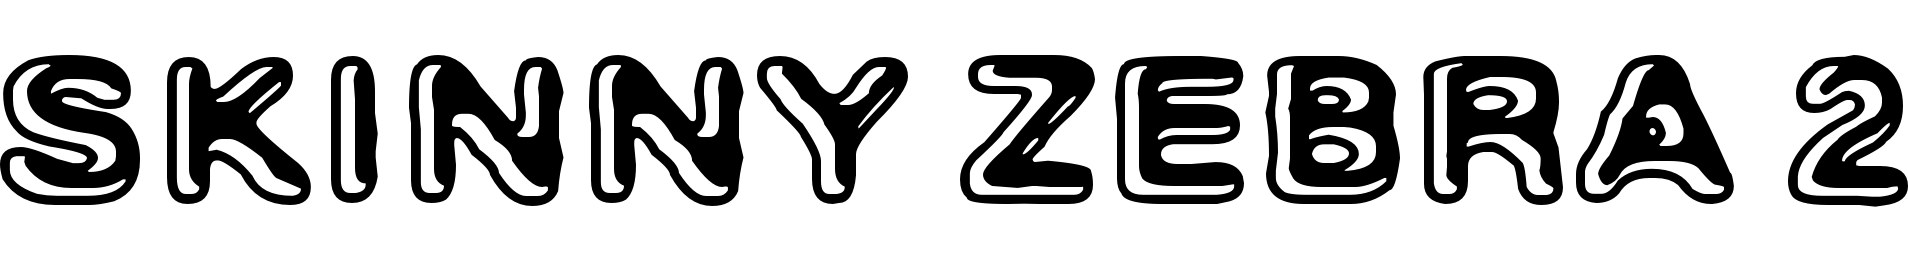 Skinny Zebra 2